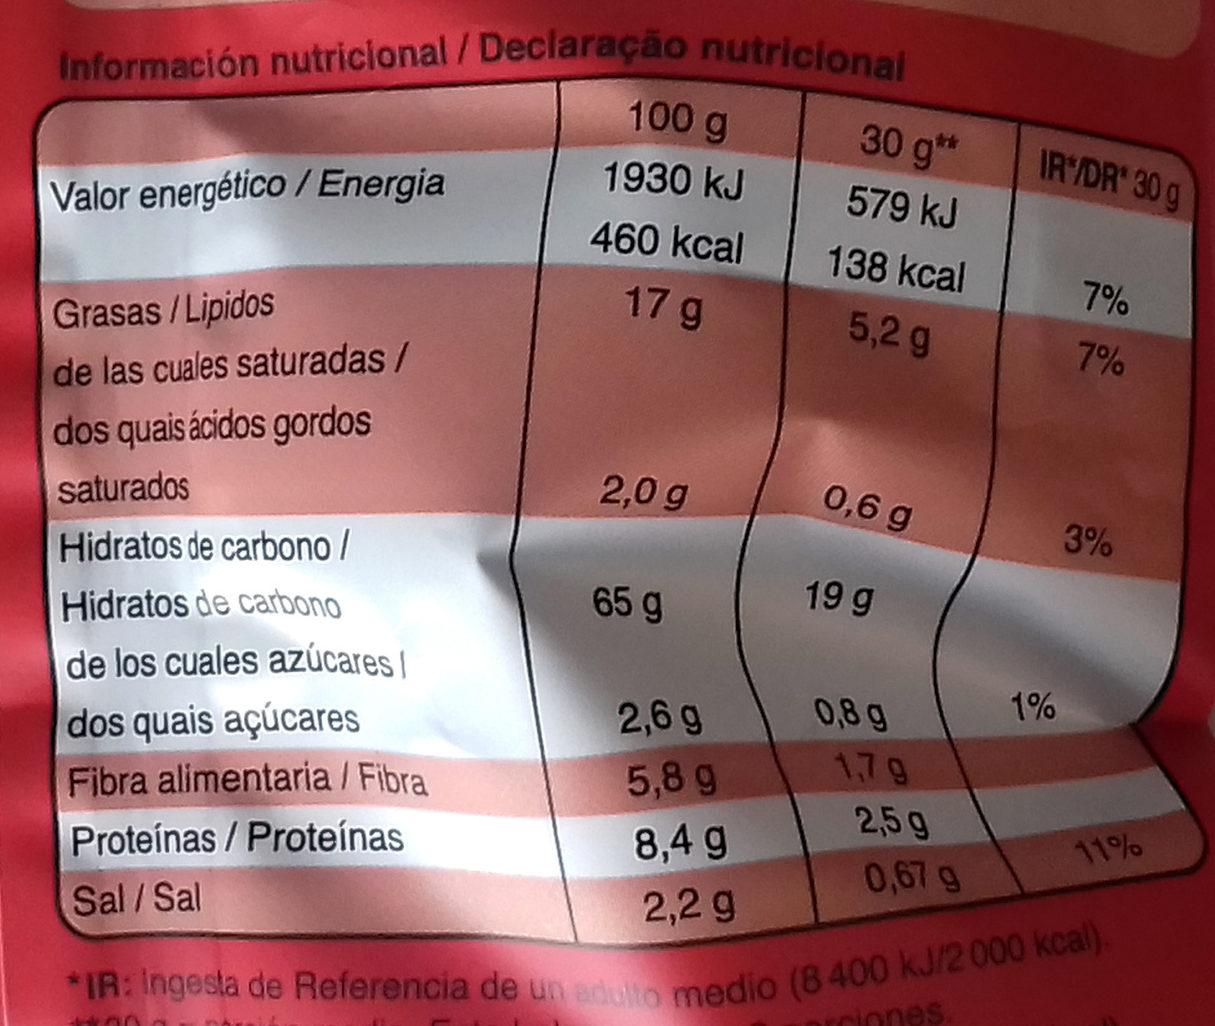 Quinoa snacks tomate y albahaca - Información nutricional